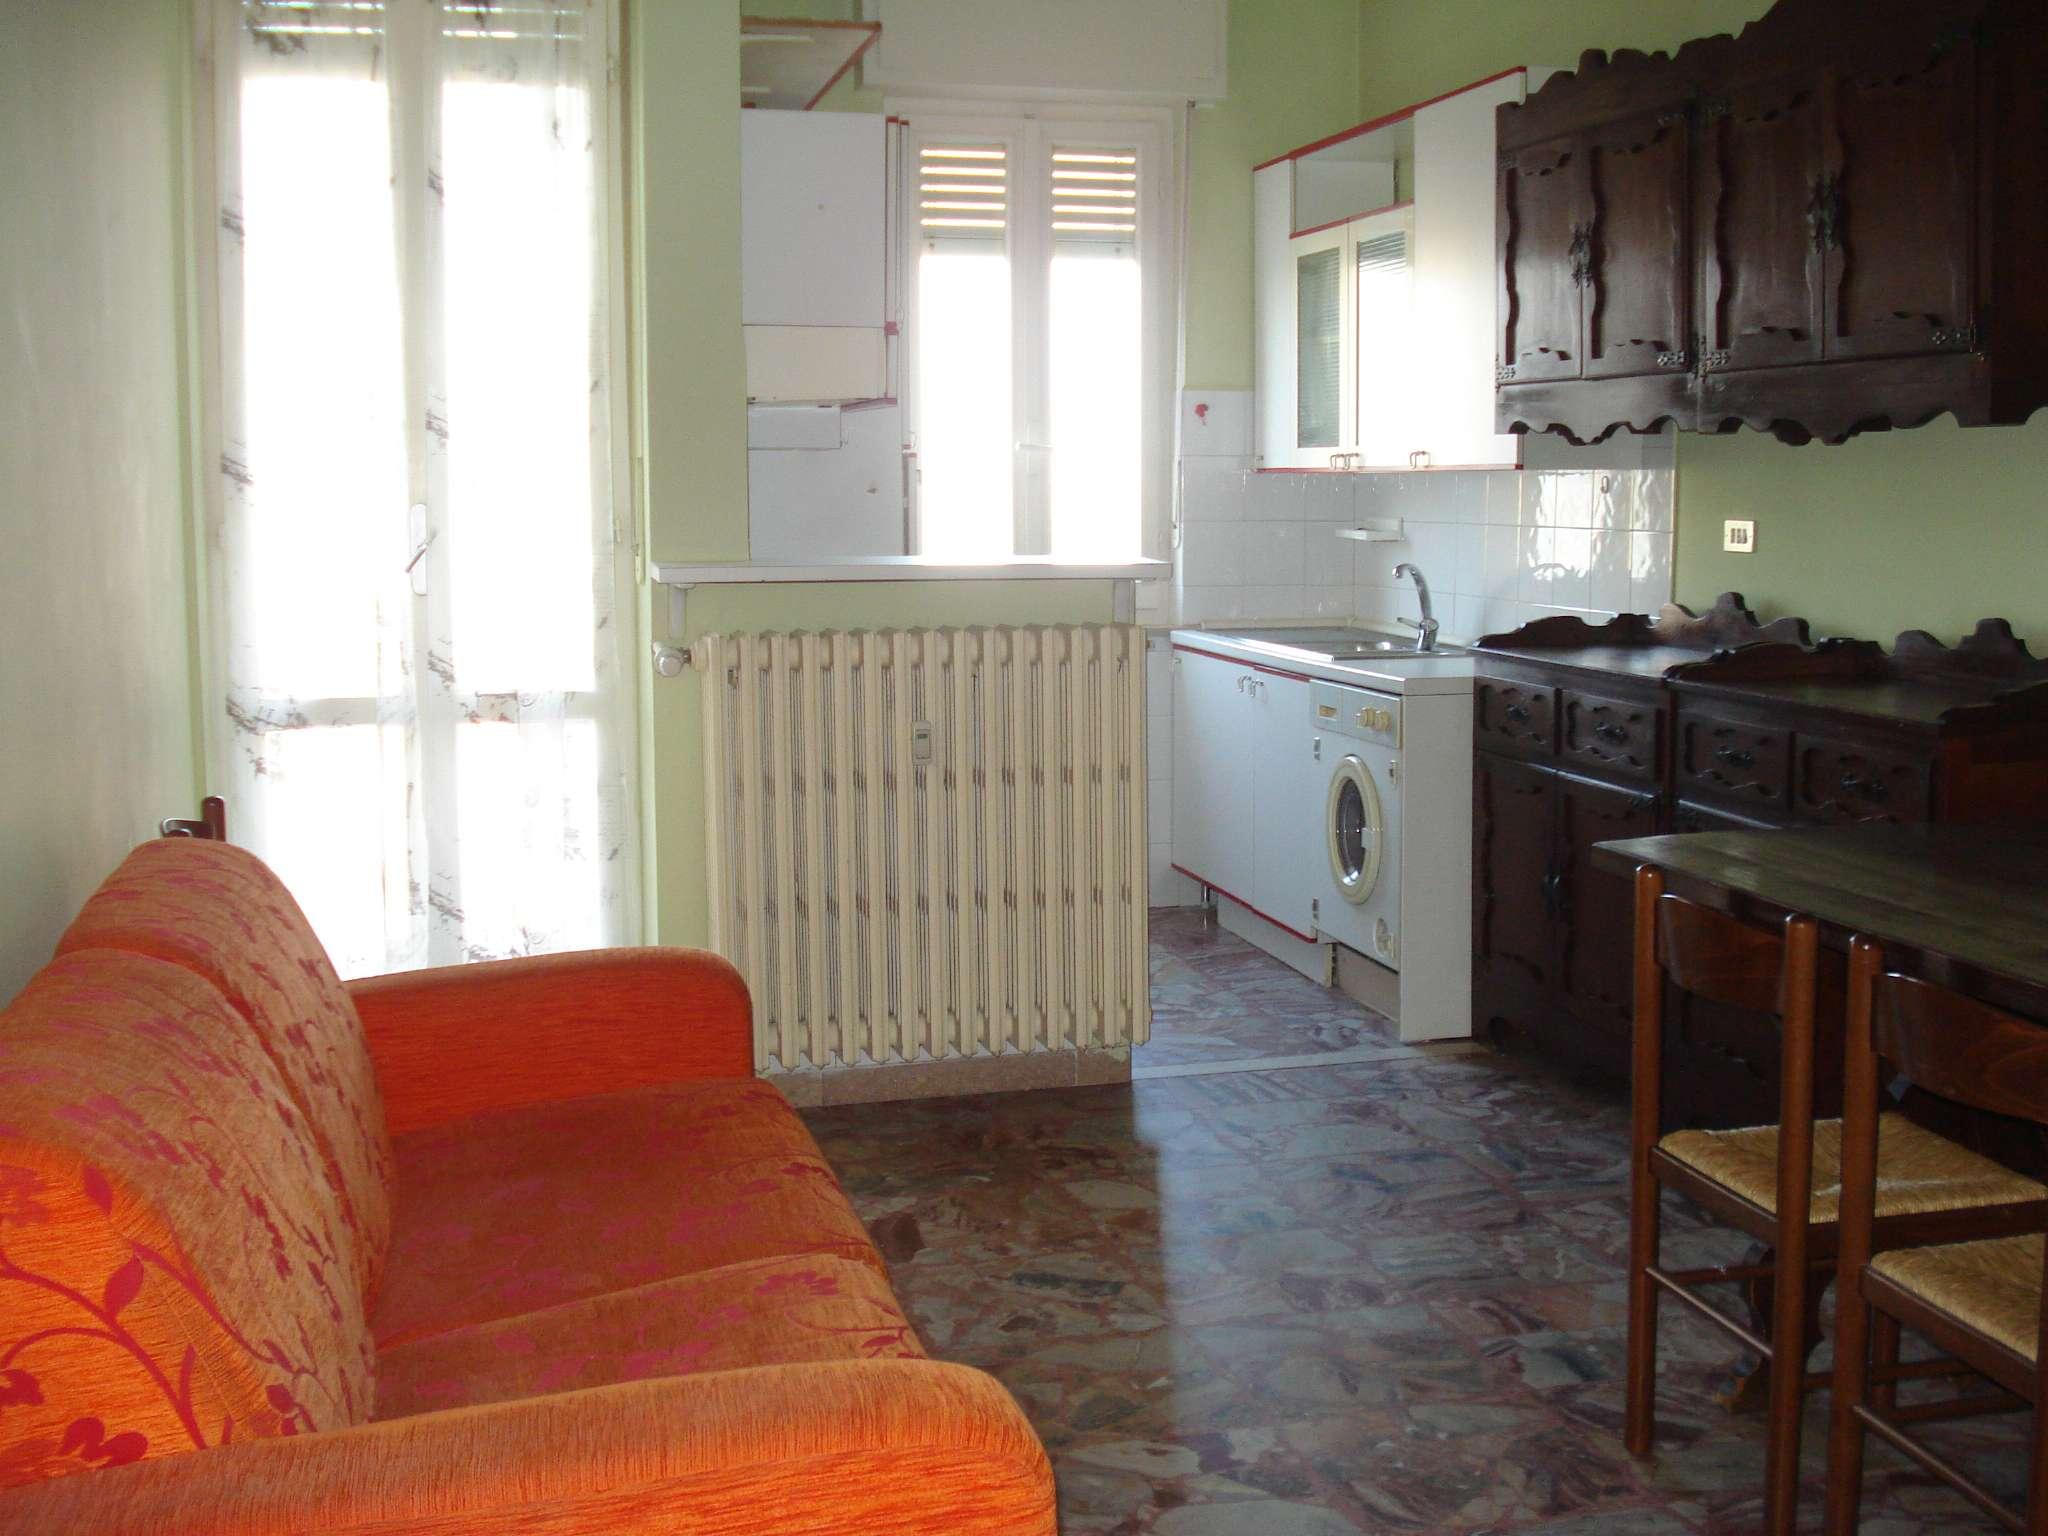 Foto 1 di Bilocale via sangone 5, frazione Borgaretto, Beinasco